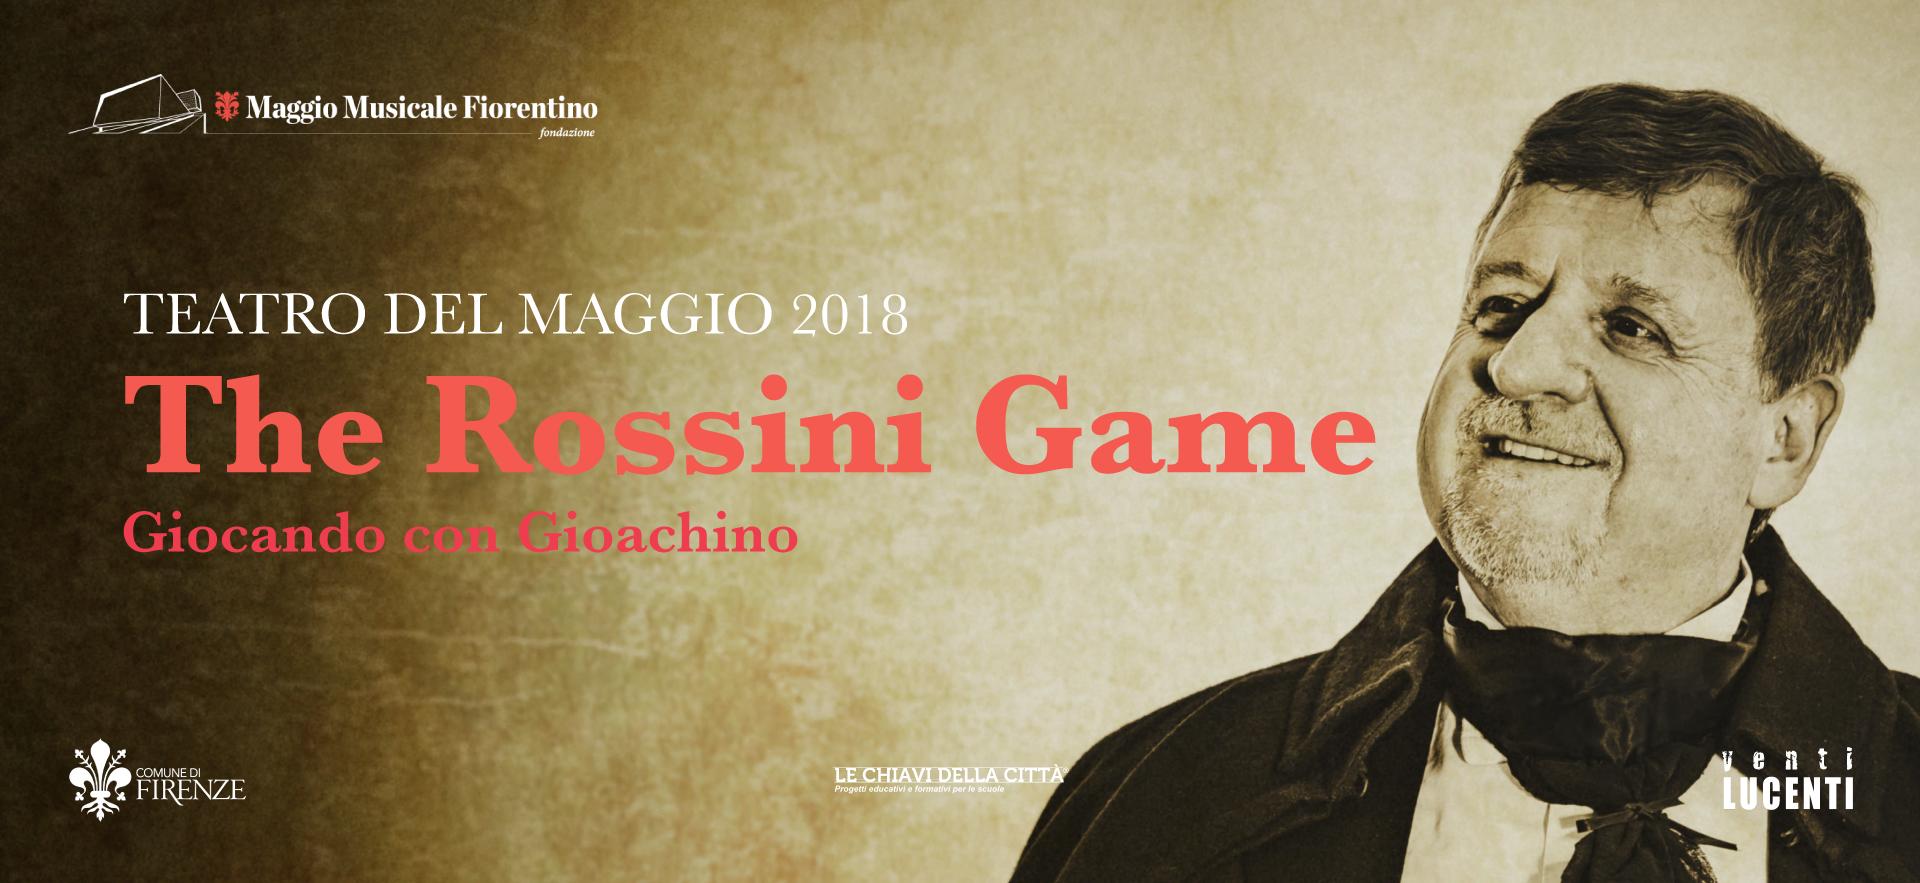 The Rossini Game 2018 Teatro del Maggio